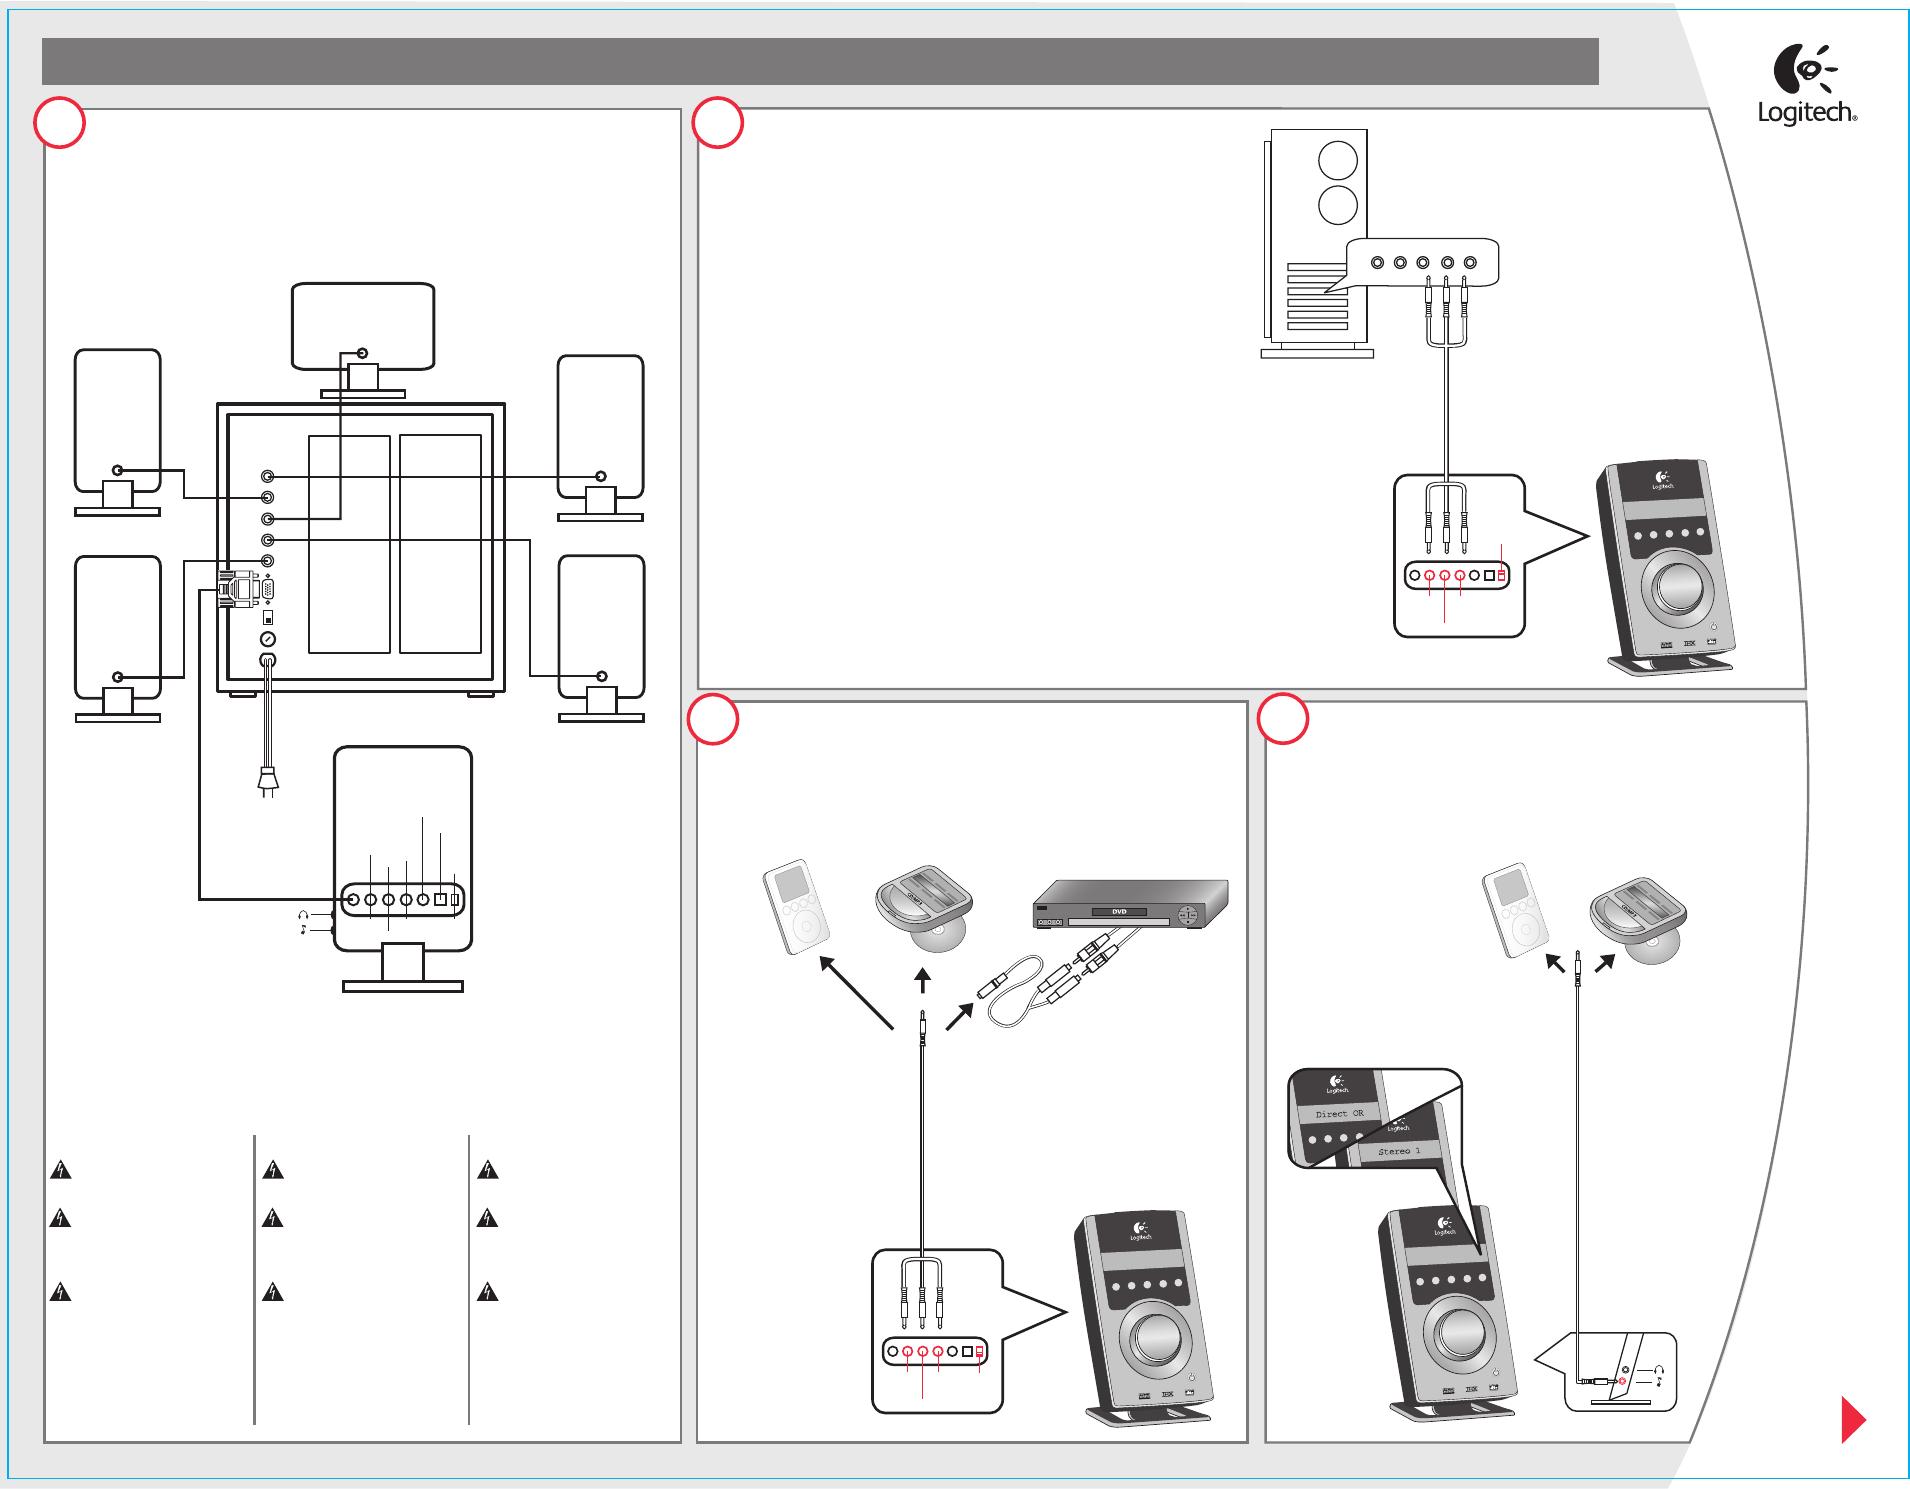 Manual Logitech Z-5500 (2 páginas) on logitech wireless optical mouse, logitech z 5300 specs, logitech wallpaper, logitech z-5300 manual, logitech computer speakers, logitech 5500 speakers, logitech mx518, logitech z-5300 sub box,